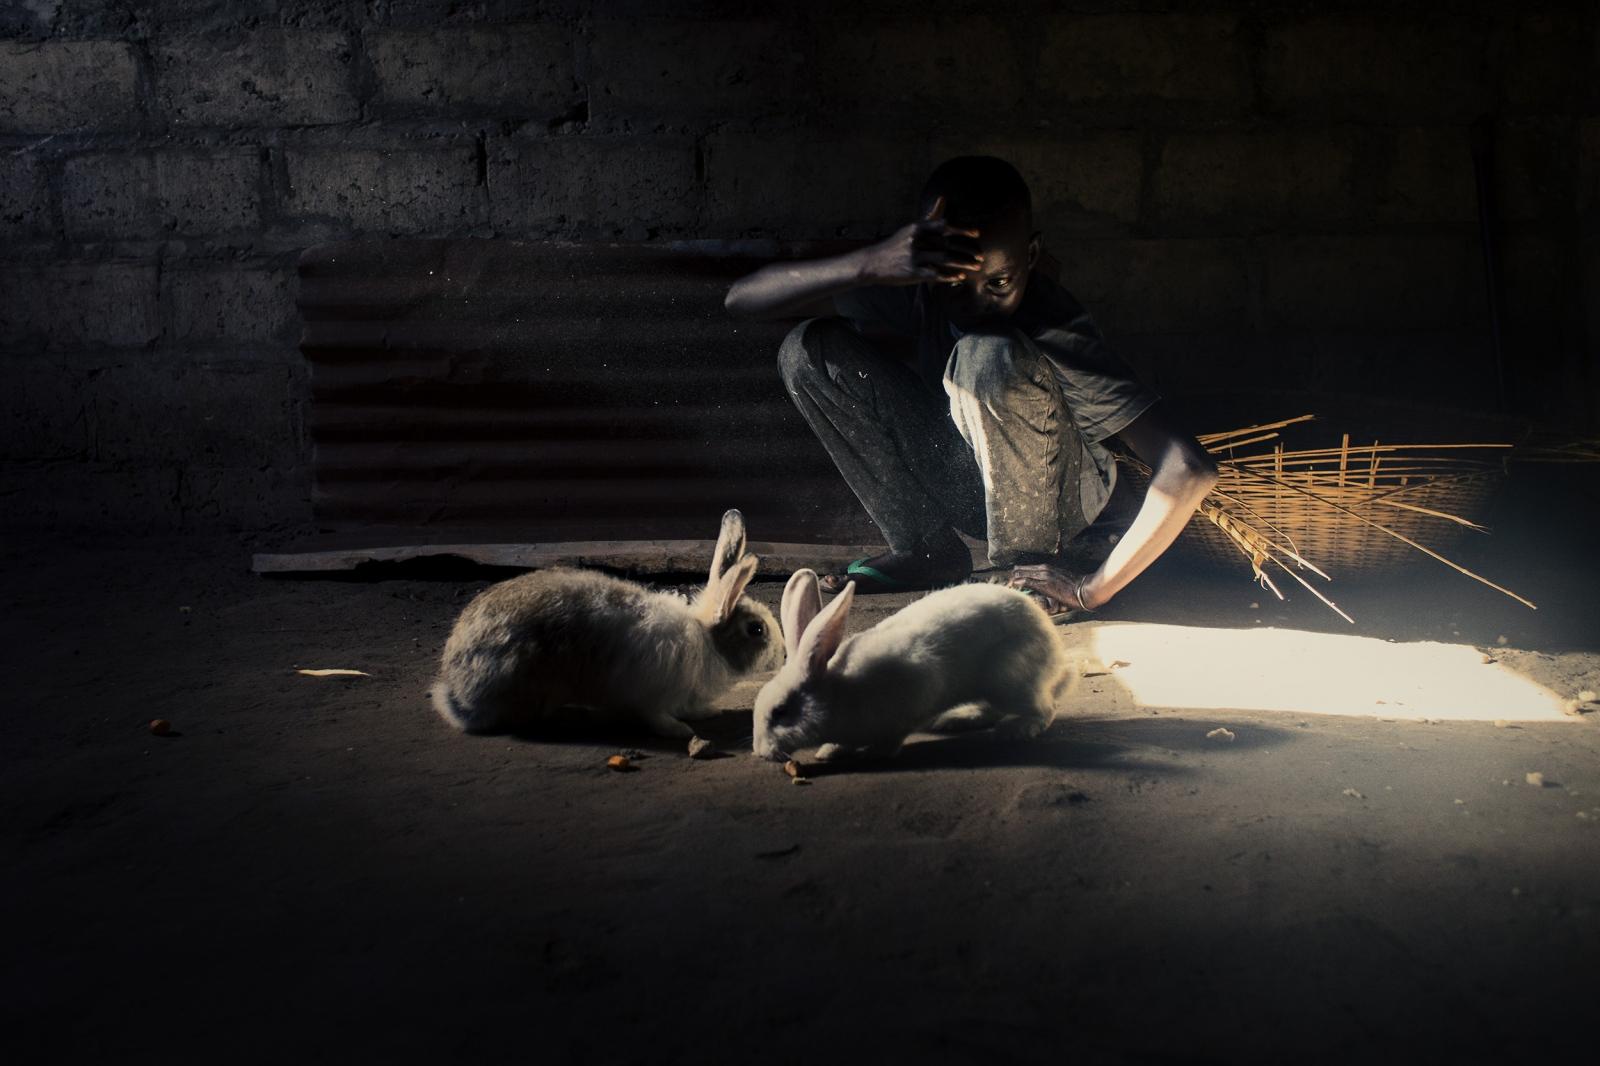 Fotó: Diana Bagnoli/Feature Shoot Emerging Photography Awards